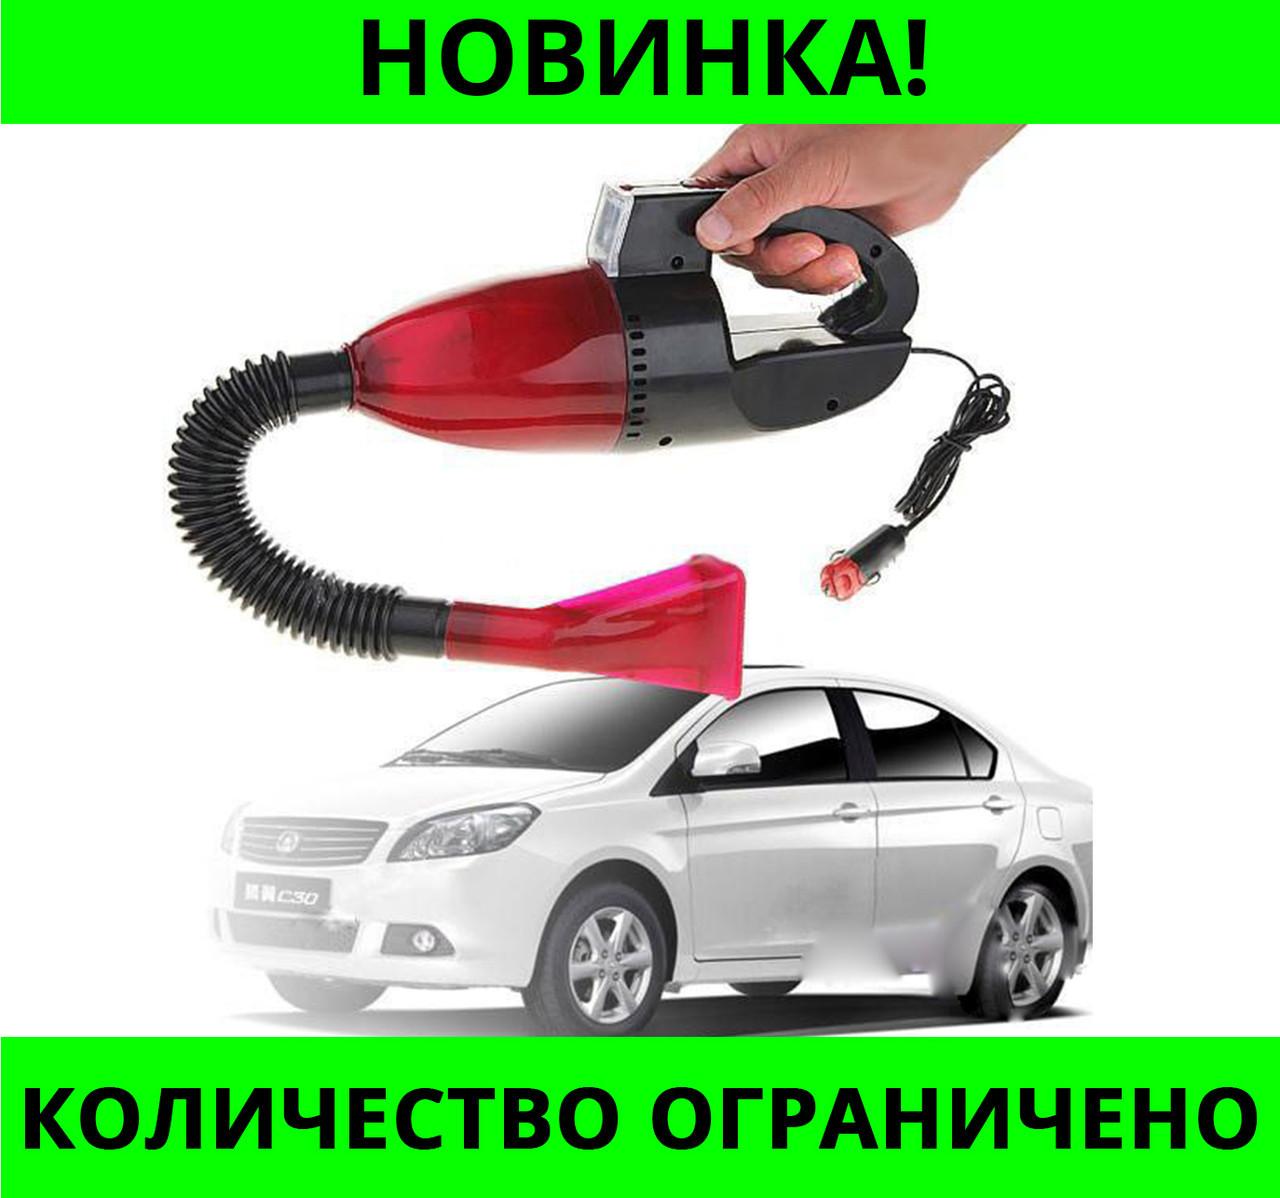 Автомобильный пылесос Car vacuum cleaner от прикуривателя!Розница и Опт